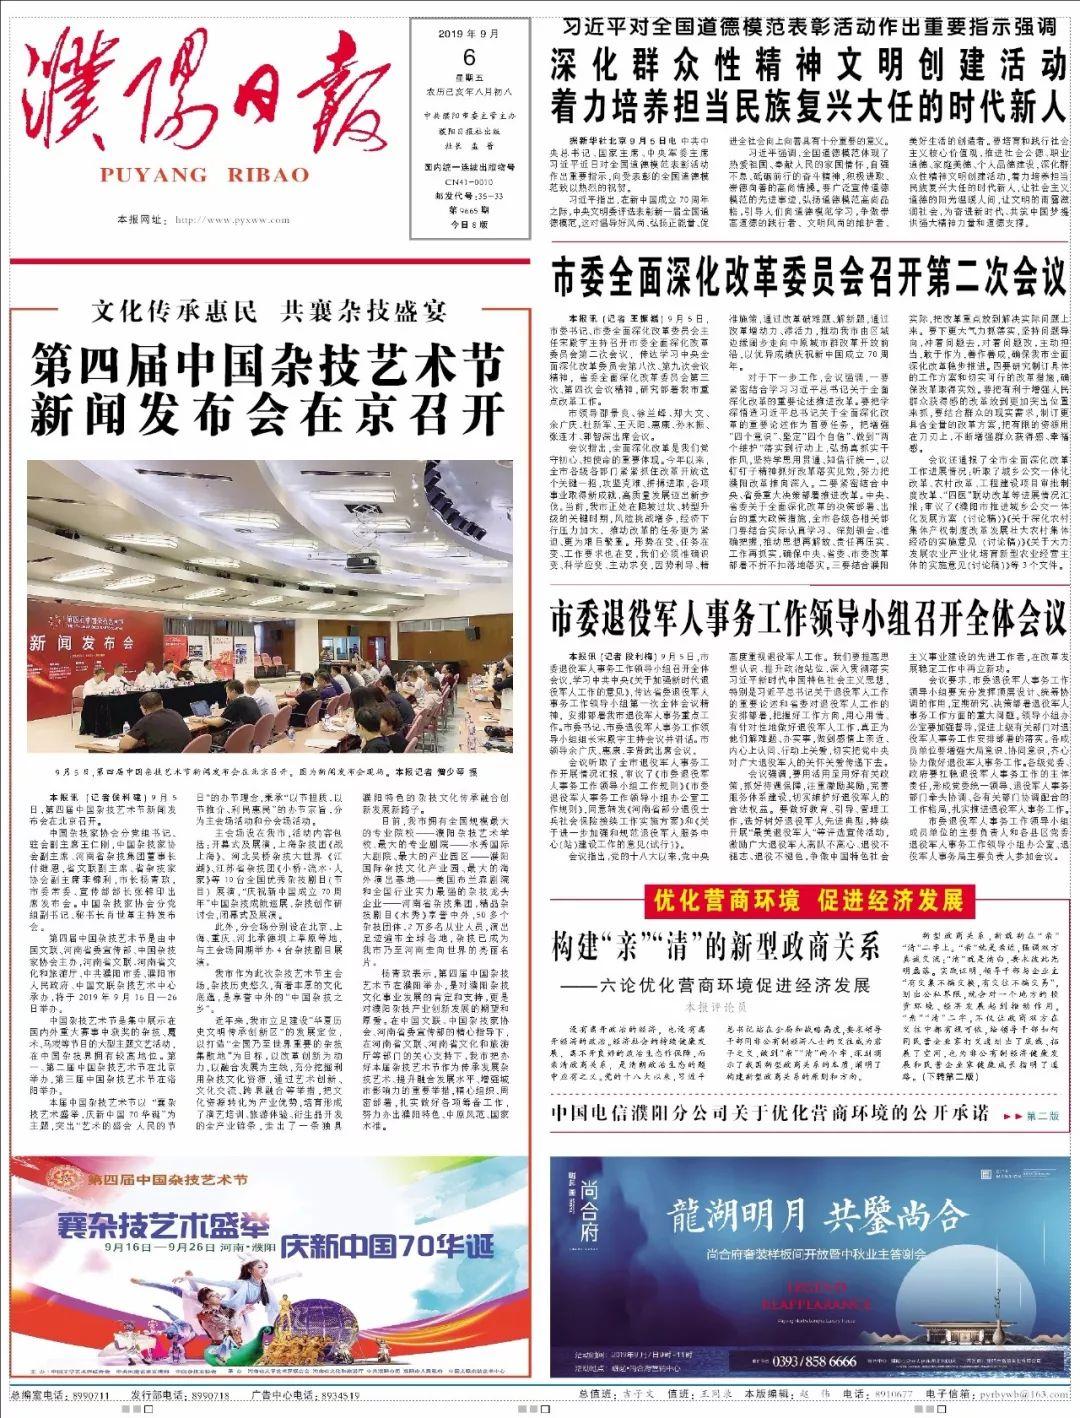 【日报发布】第四届中国杂技艺术节新闻发布